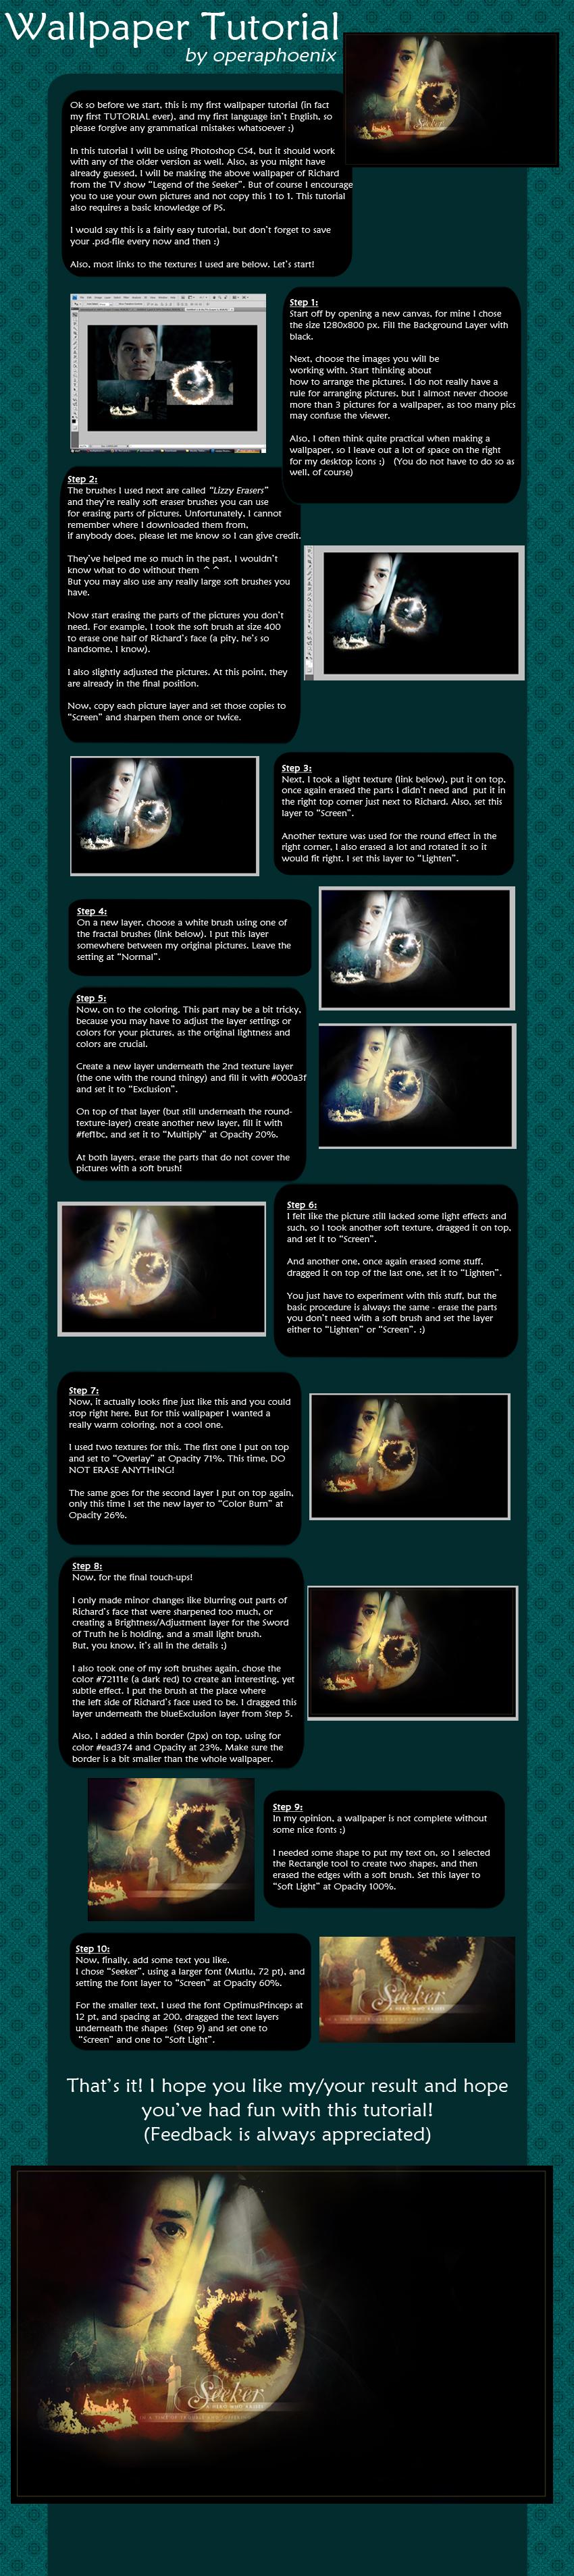 wallpaper tutorial by operaphoenix